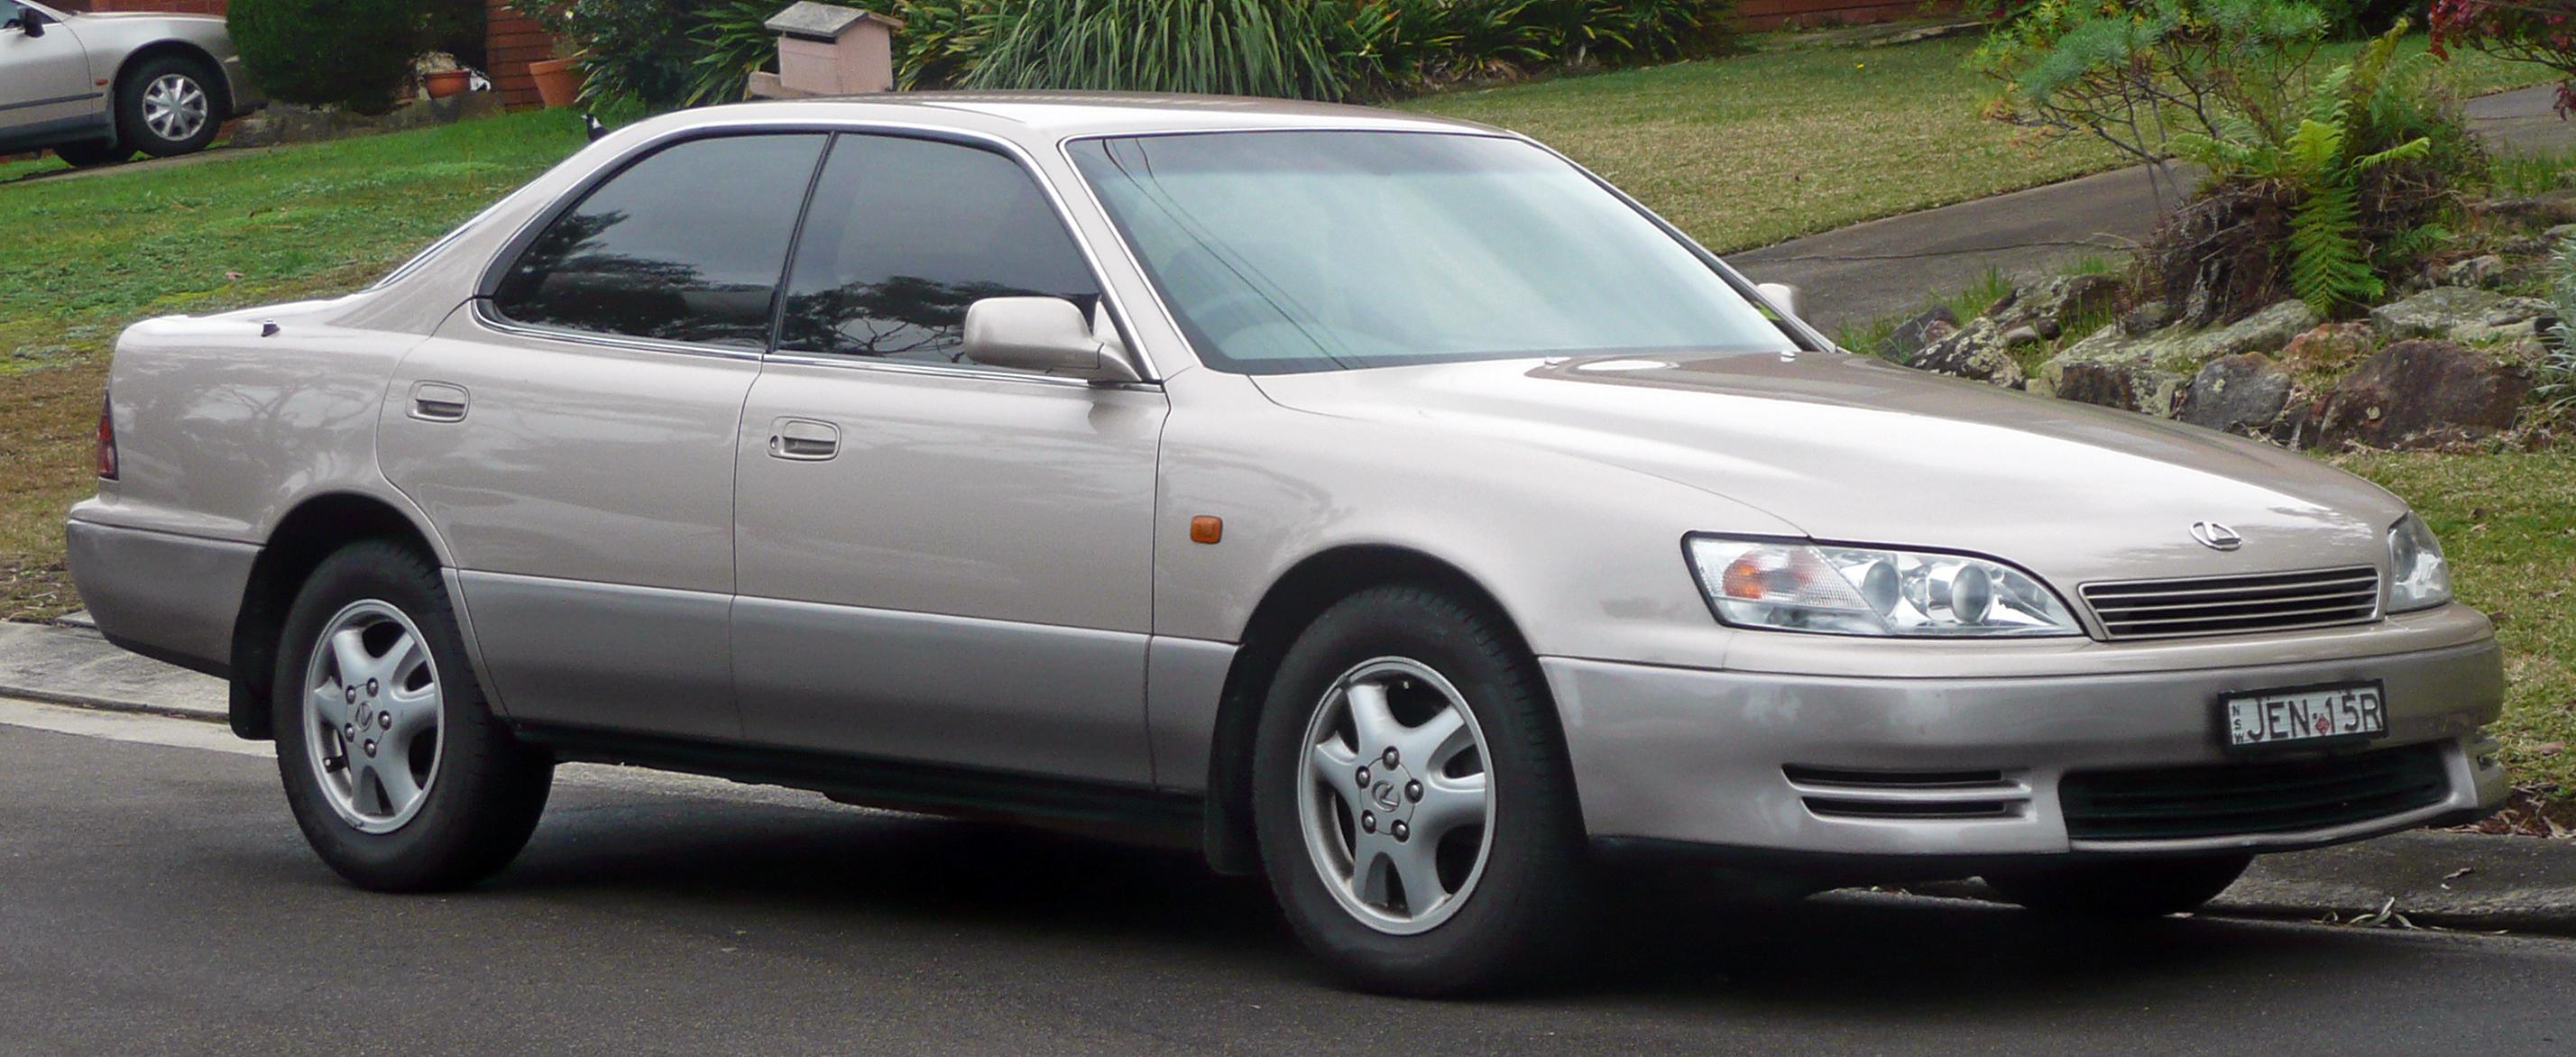 1991 Lexus Es 250 Image 2